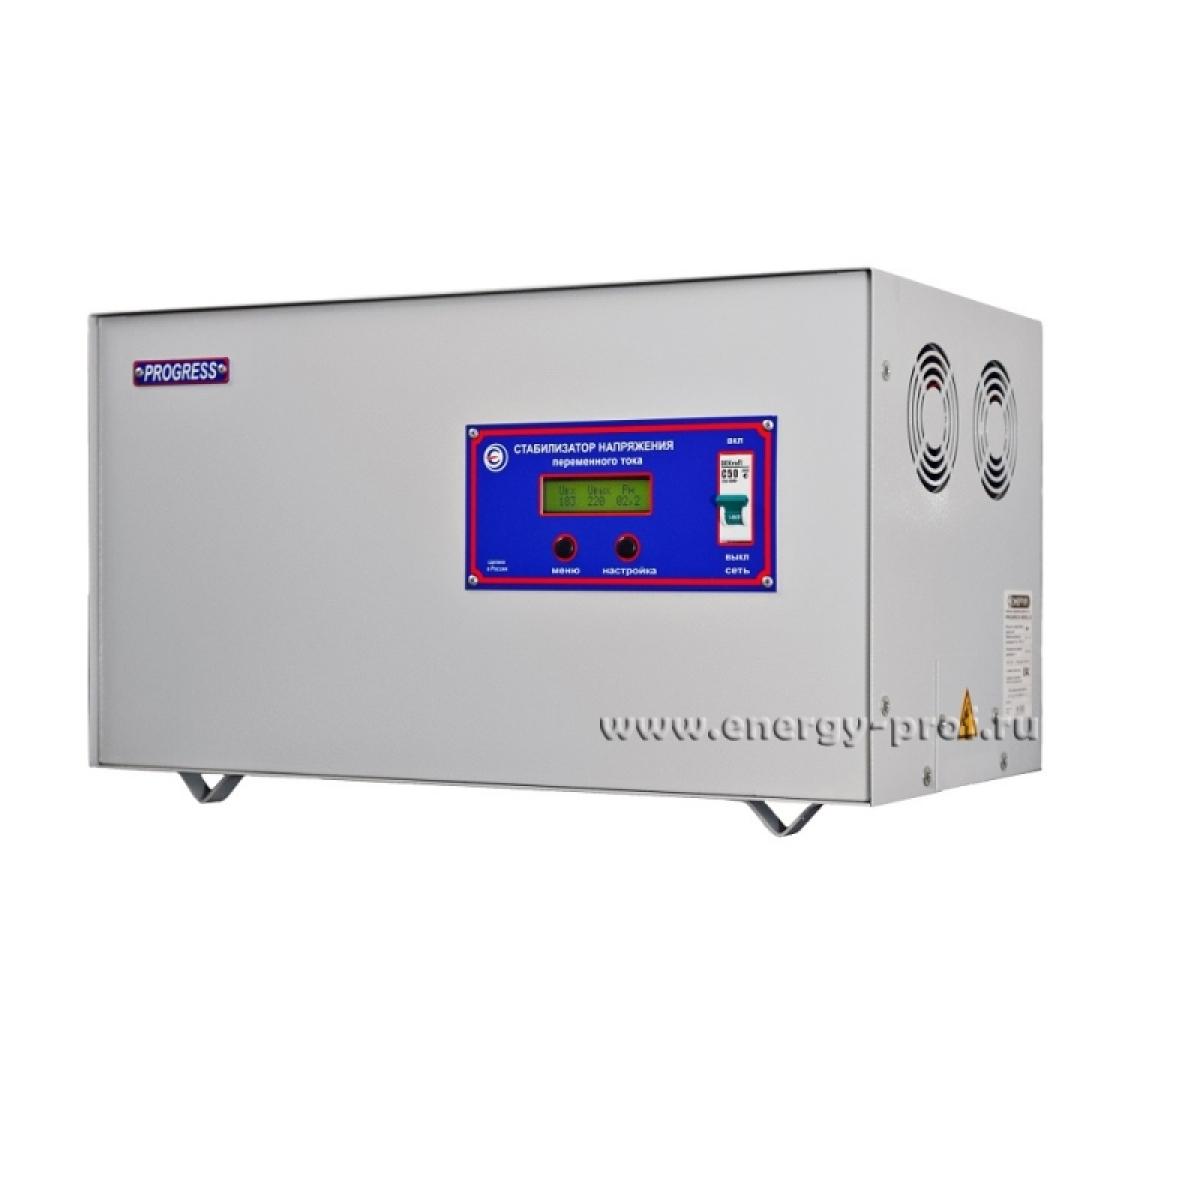 Однофазный стабилизатор PROGRESS 3000SL-20